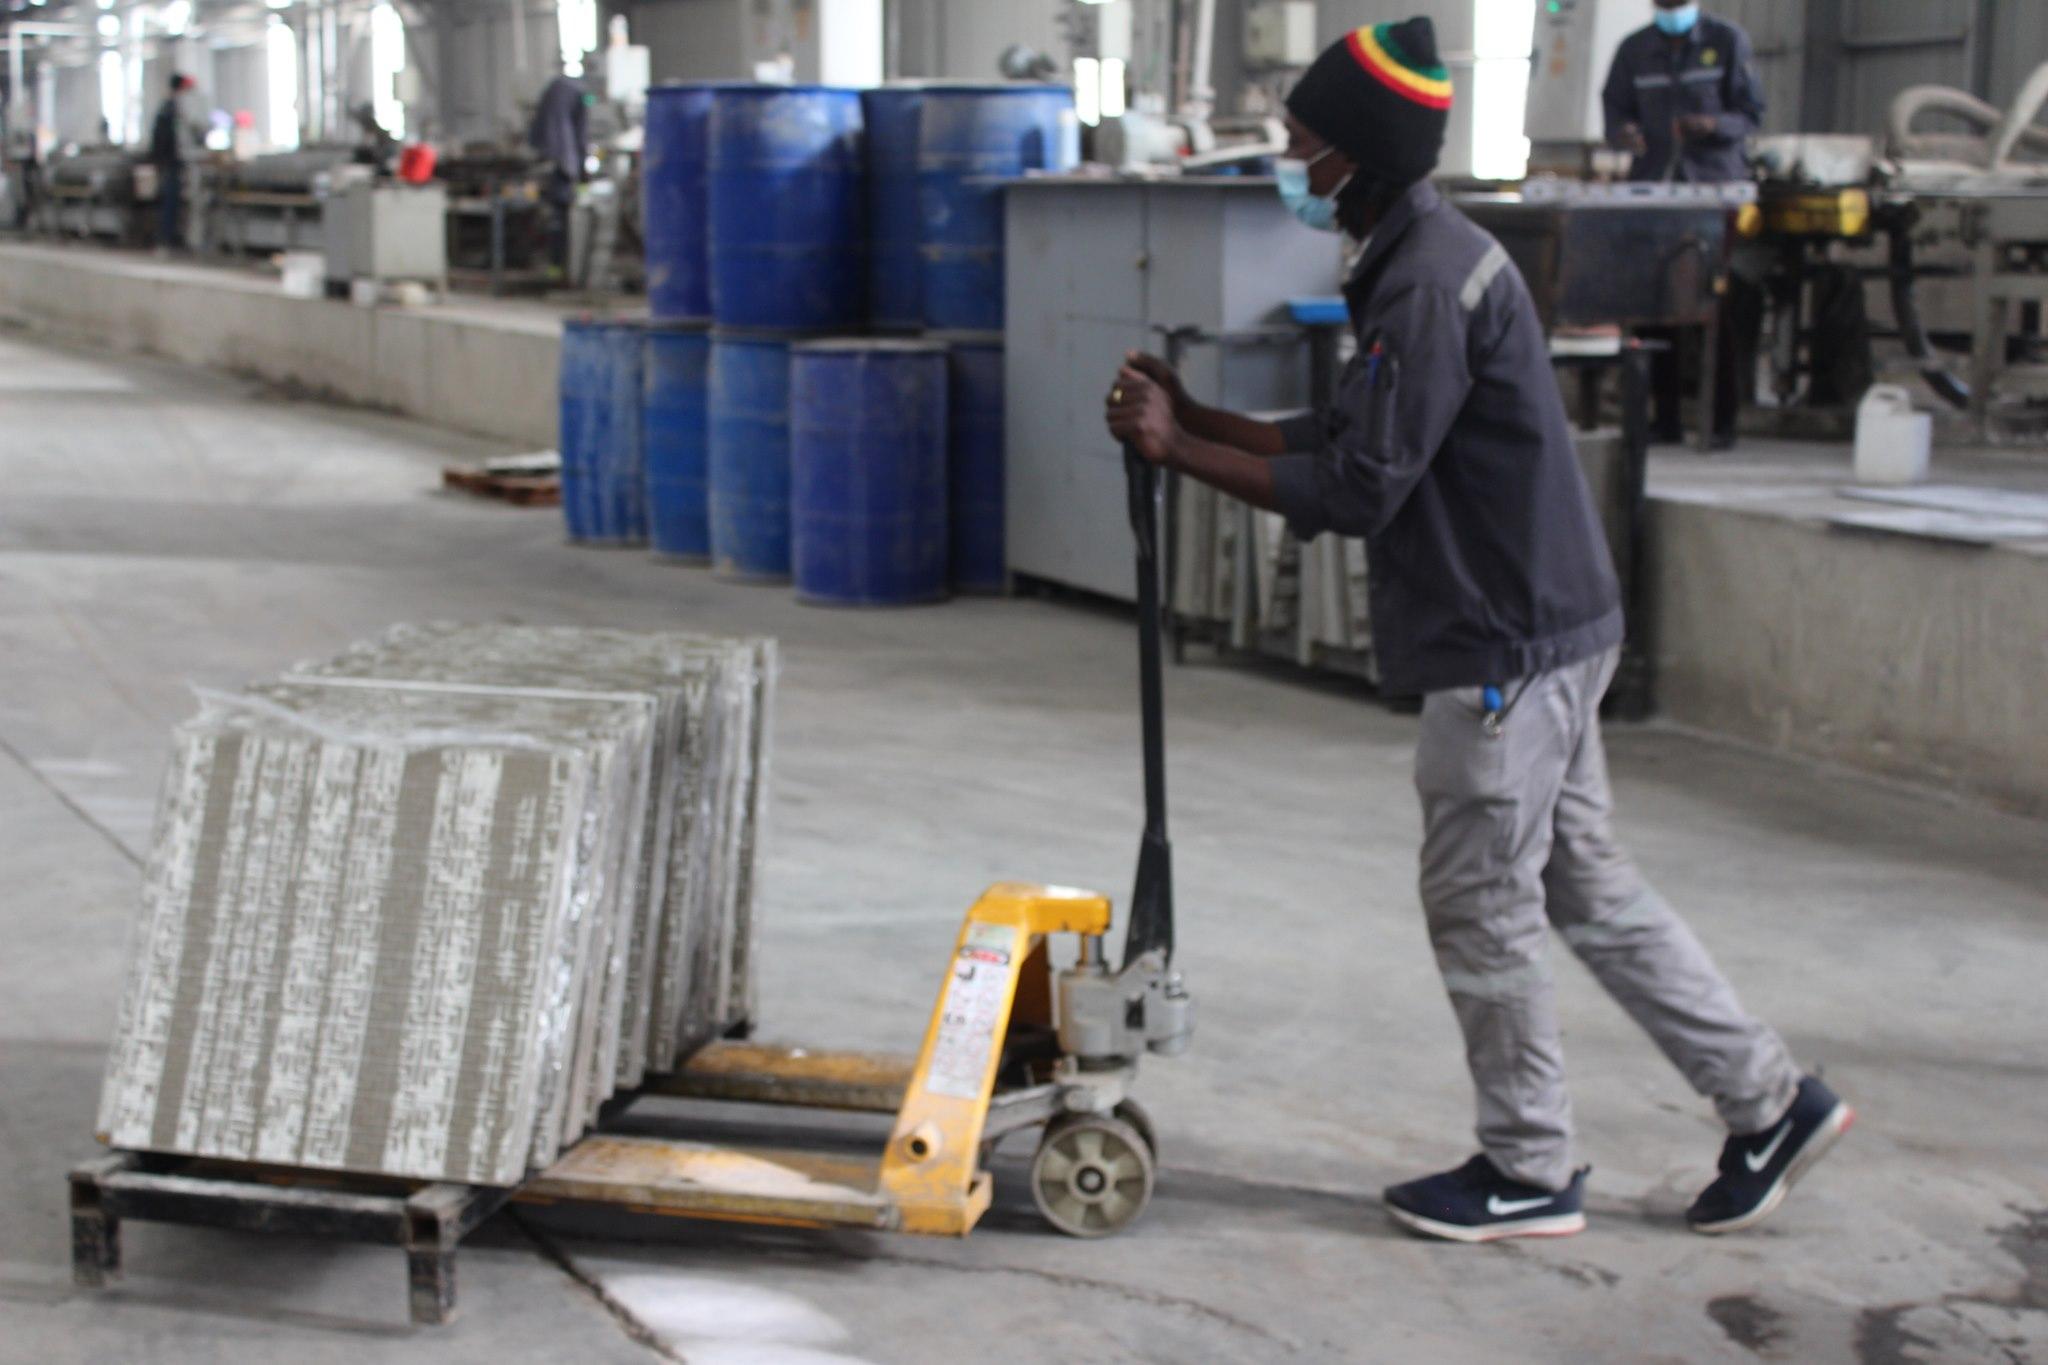 A Sunny Yi Feng Tile Zimbabwe employee working without adequate protective clothing